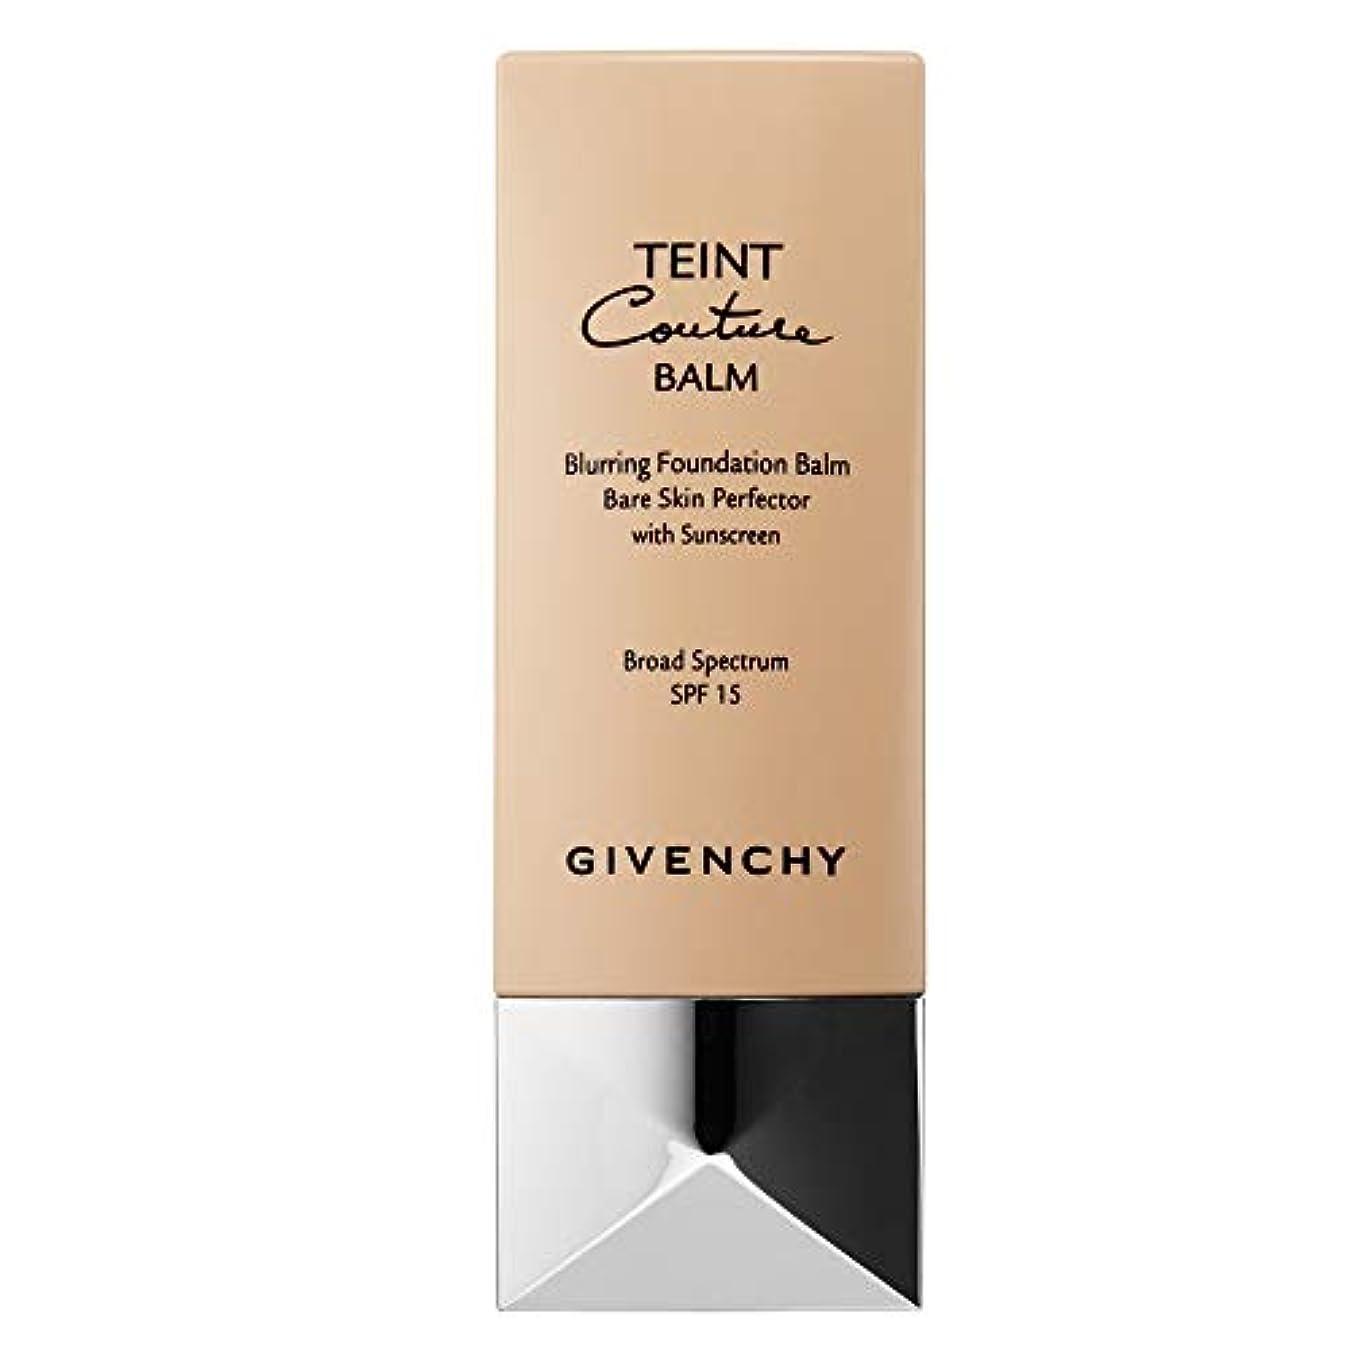 精緻化入植者骨の折れるジバンシィ Teint Couture Blurring Foundation Balm SPF 15 - # 1 Nude Porcelain 30ml/1oz並行輸入品